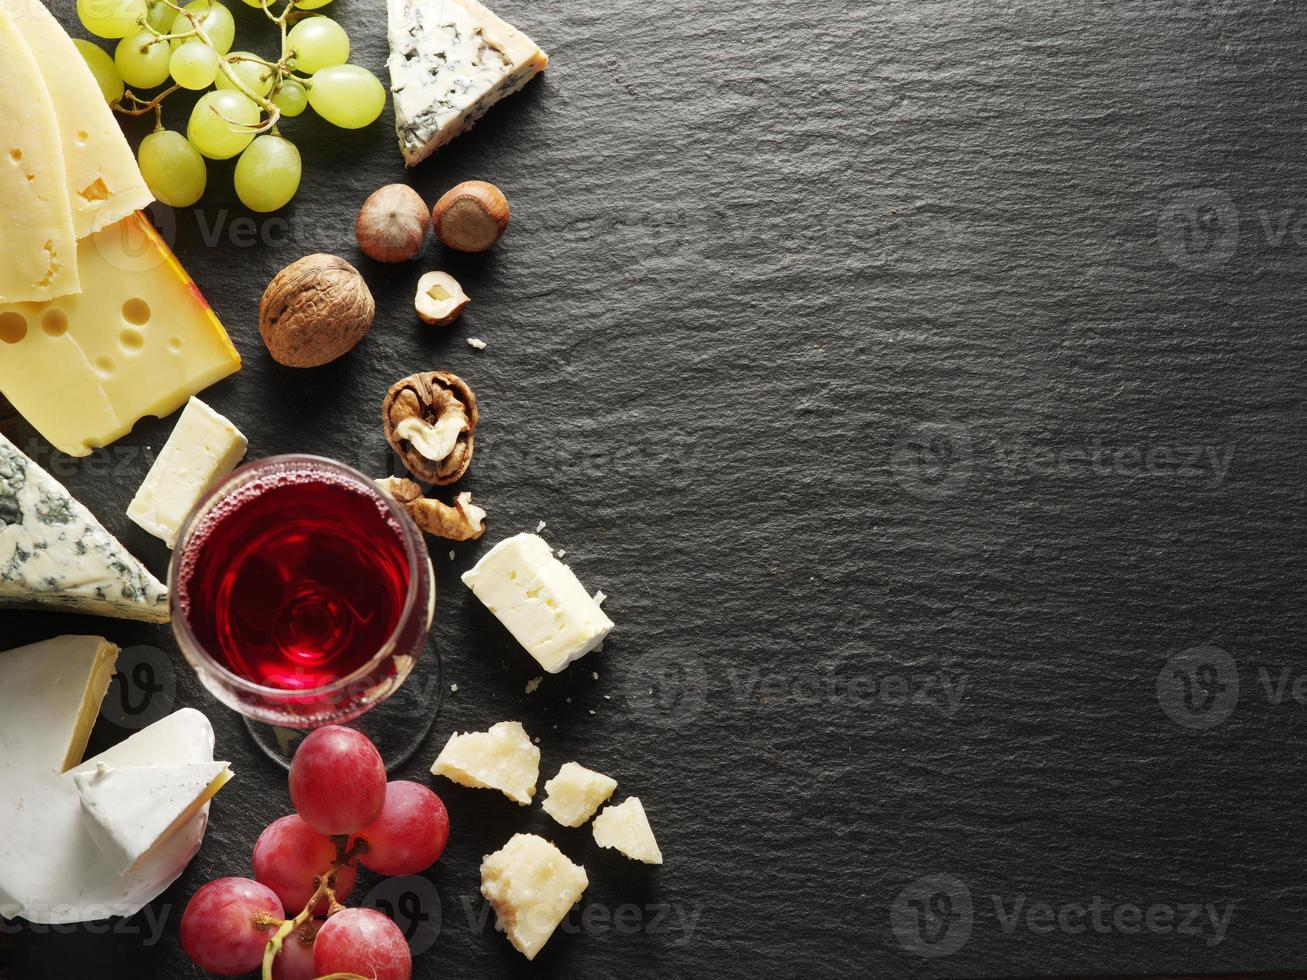 types de fromages avec verre de vin et fruits. photo